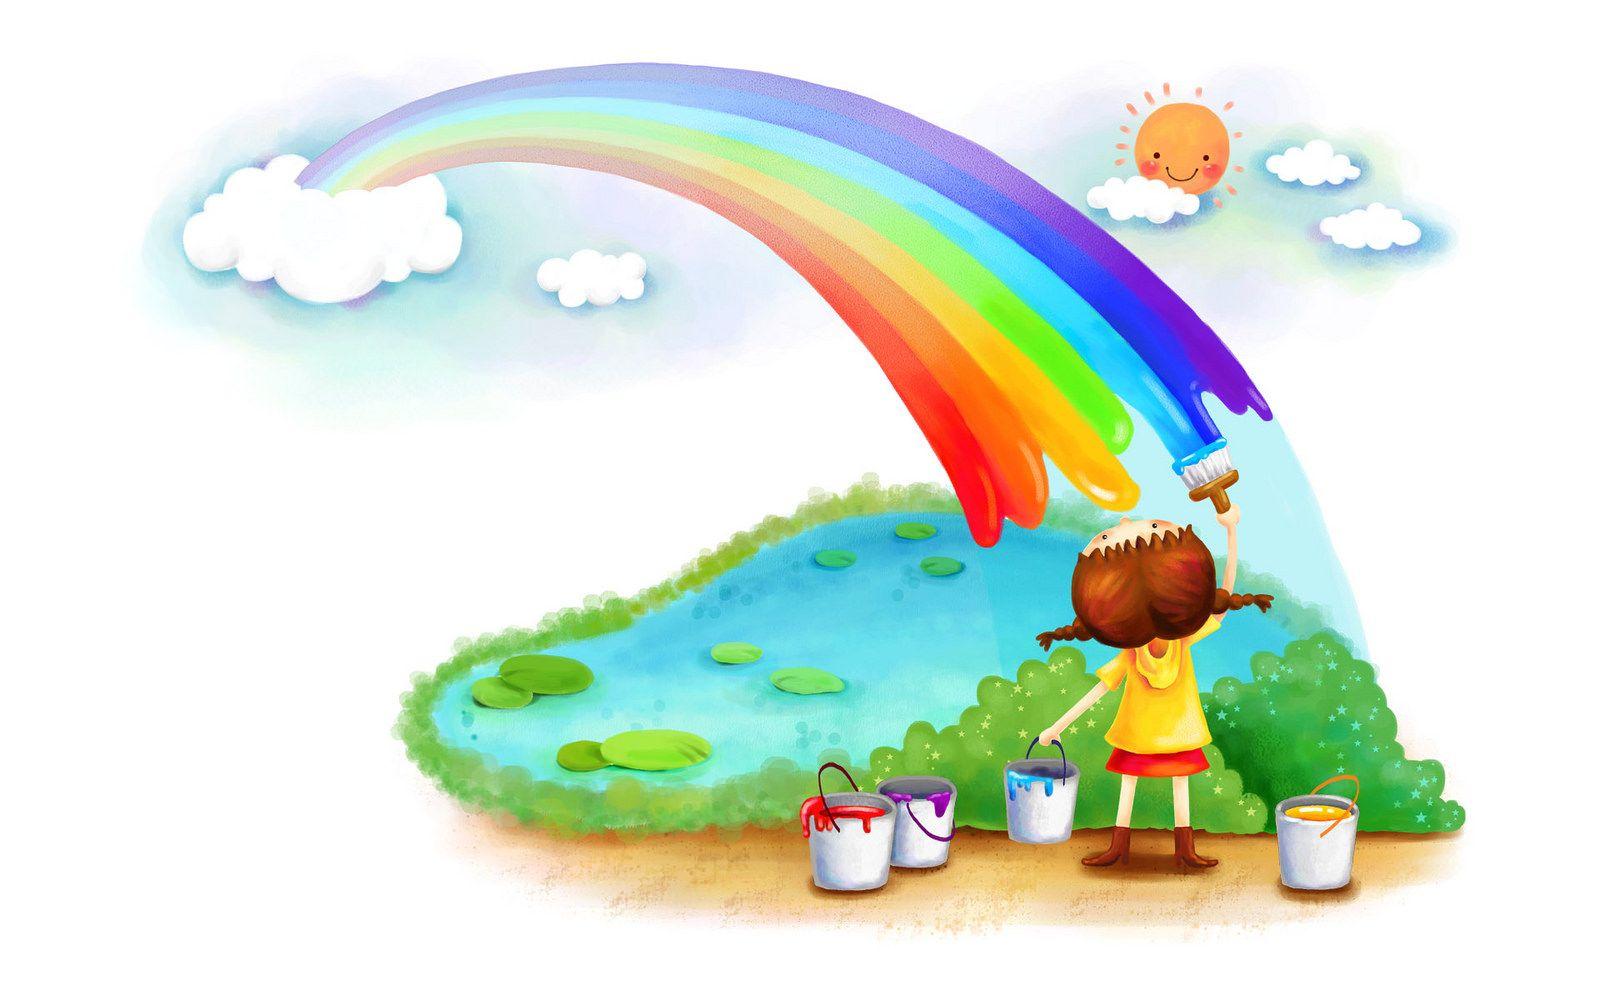 """Invitație """"Ziua Internațională a Copiilor"""" și """"Ziua Familiei""""!"""